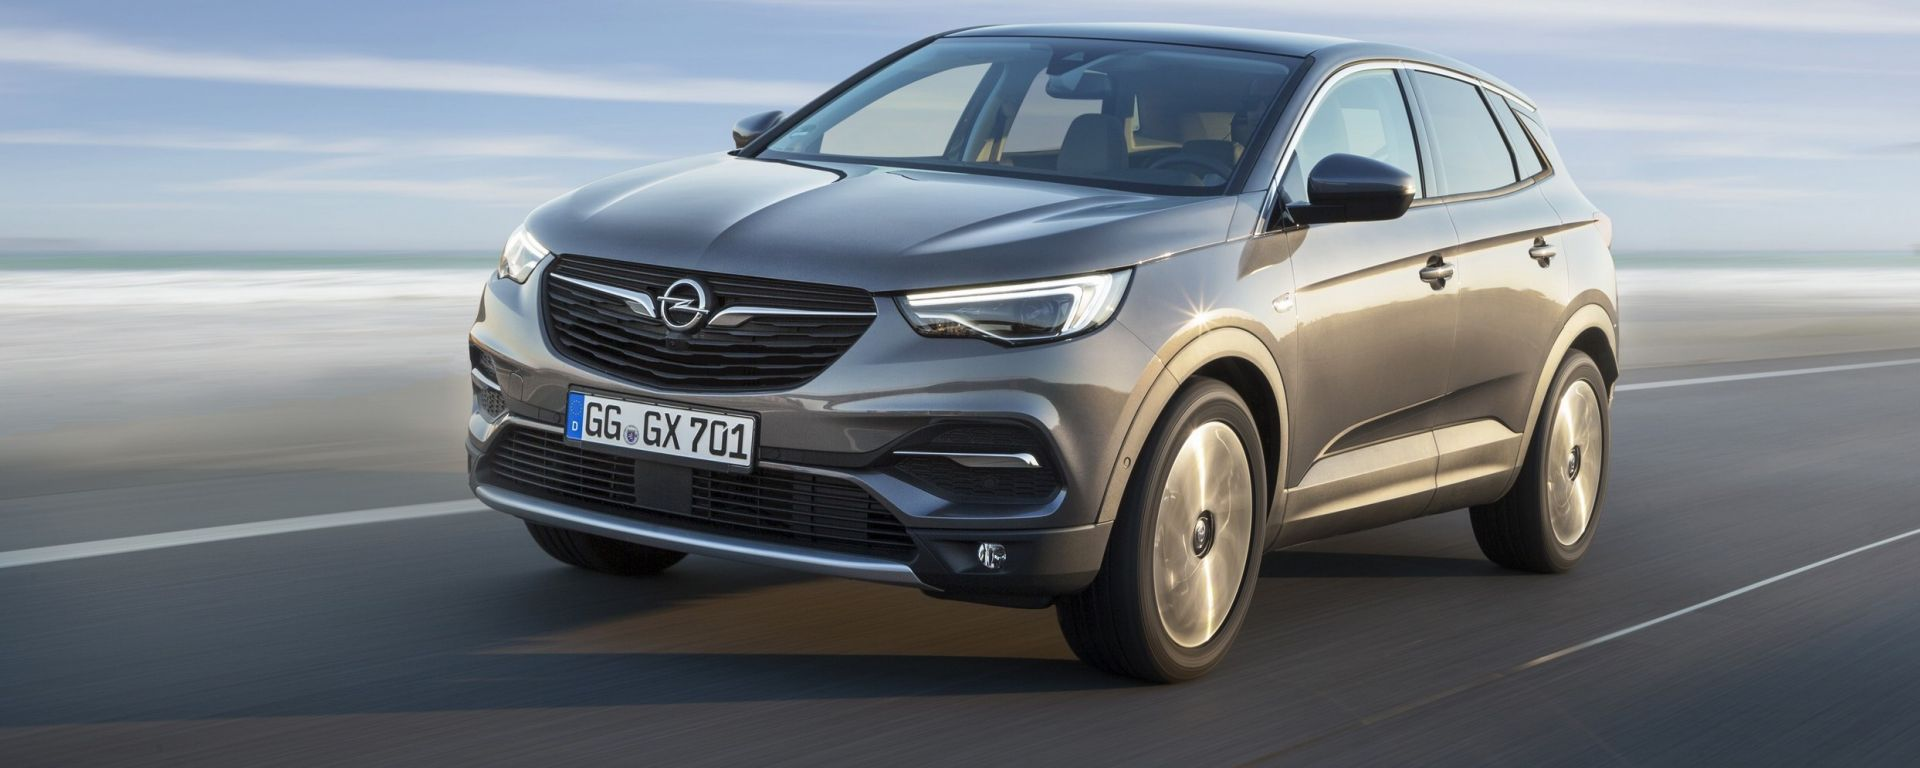 Opel Grandland X 1.5 diesel